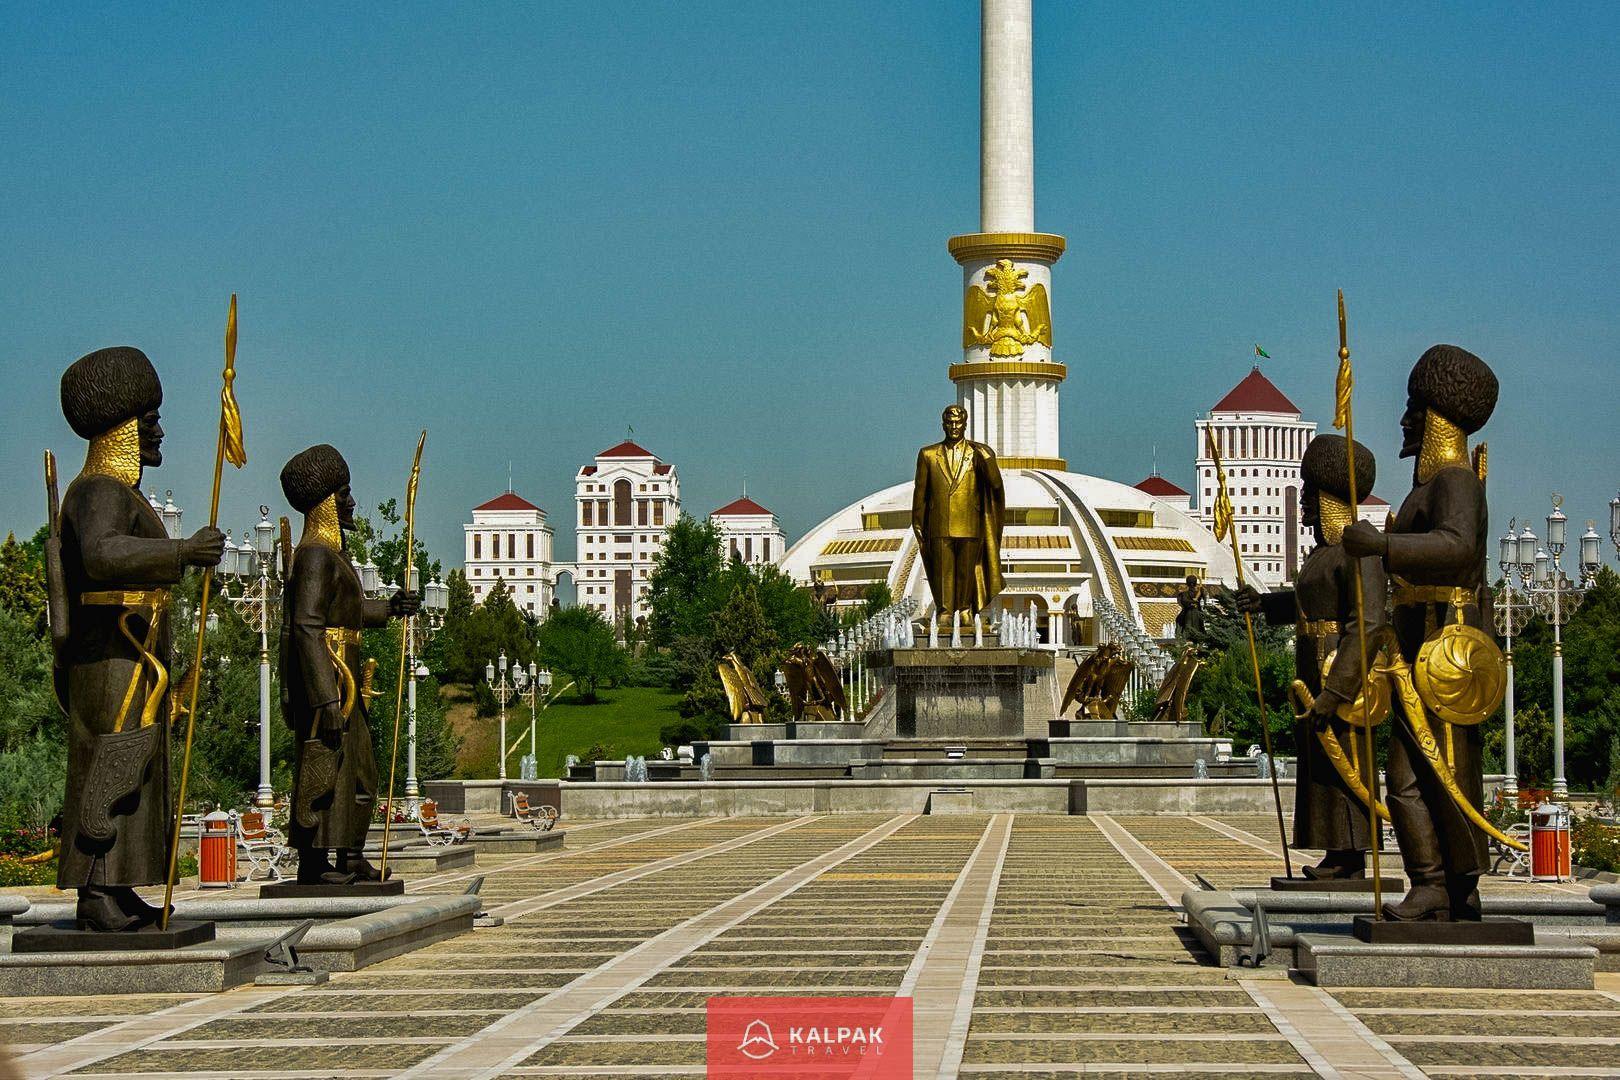 Architektur Asgabat, Turkmenistan, Sehenswürdigkeiten Zentralasien